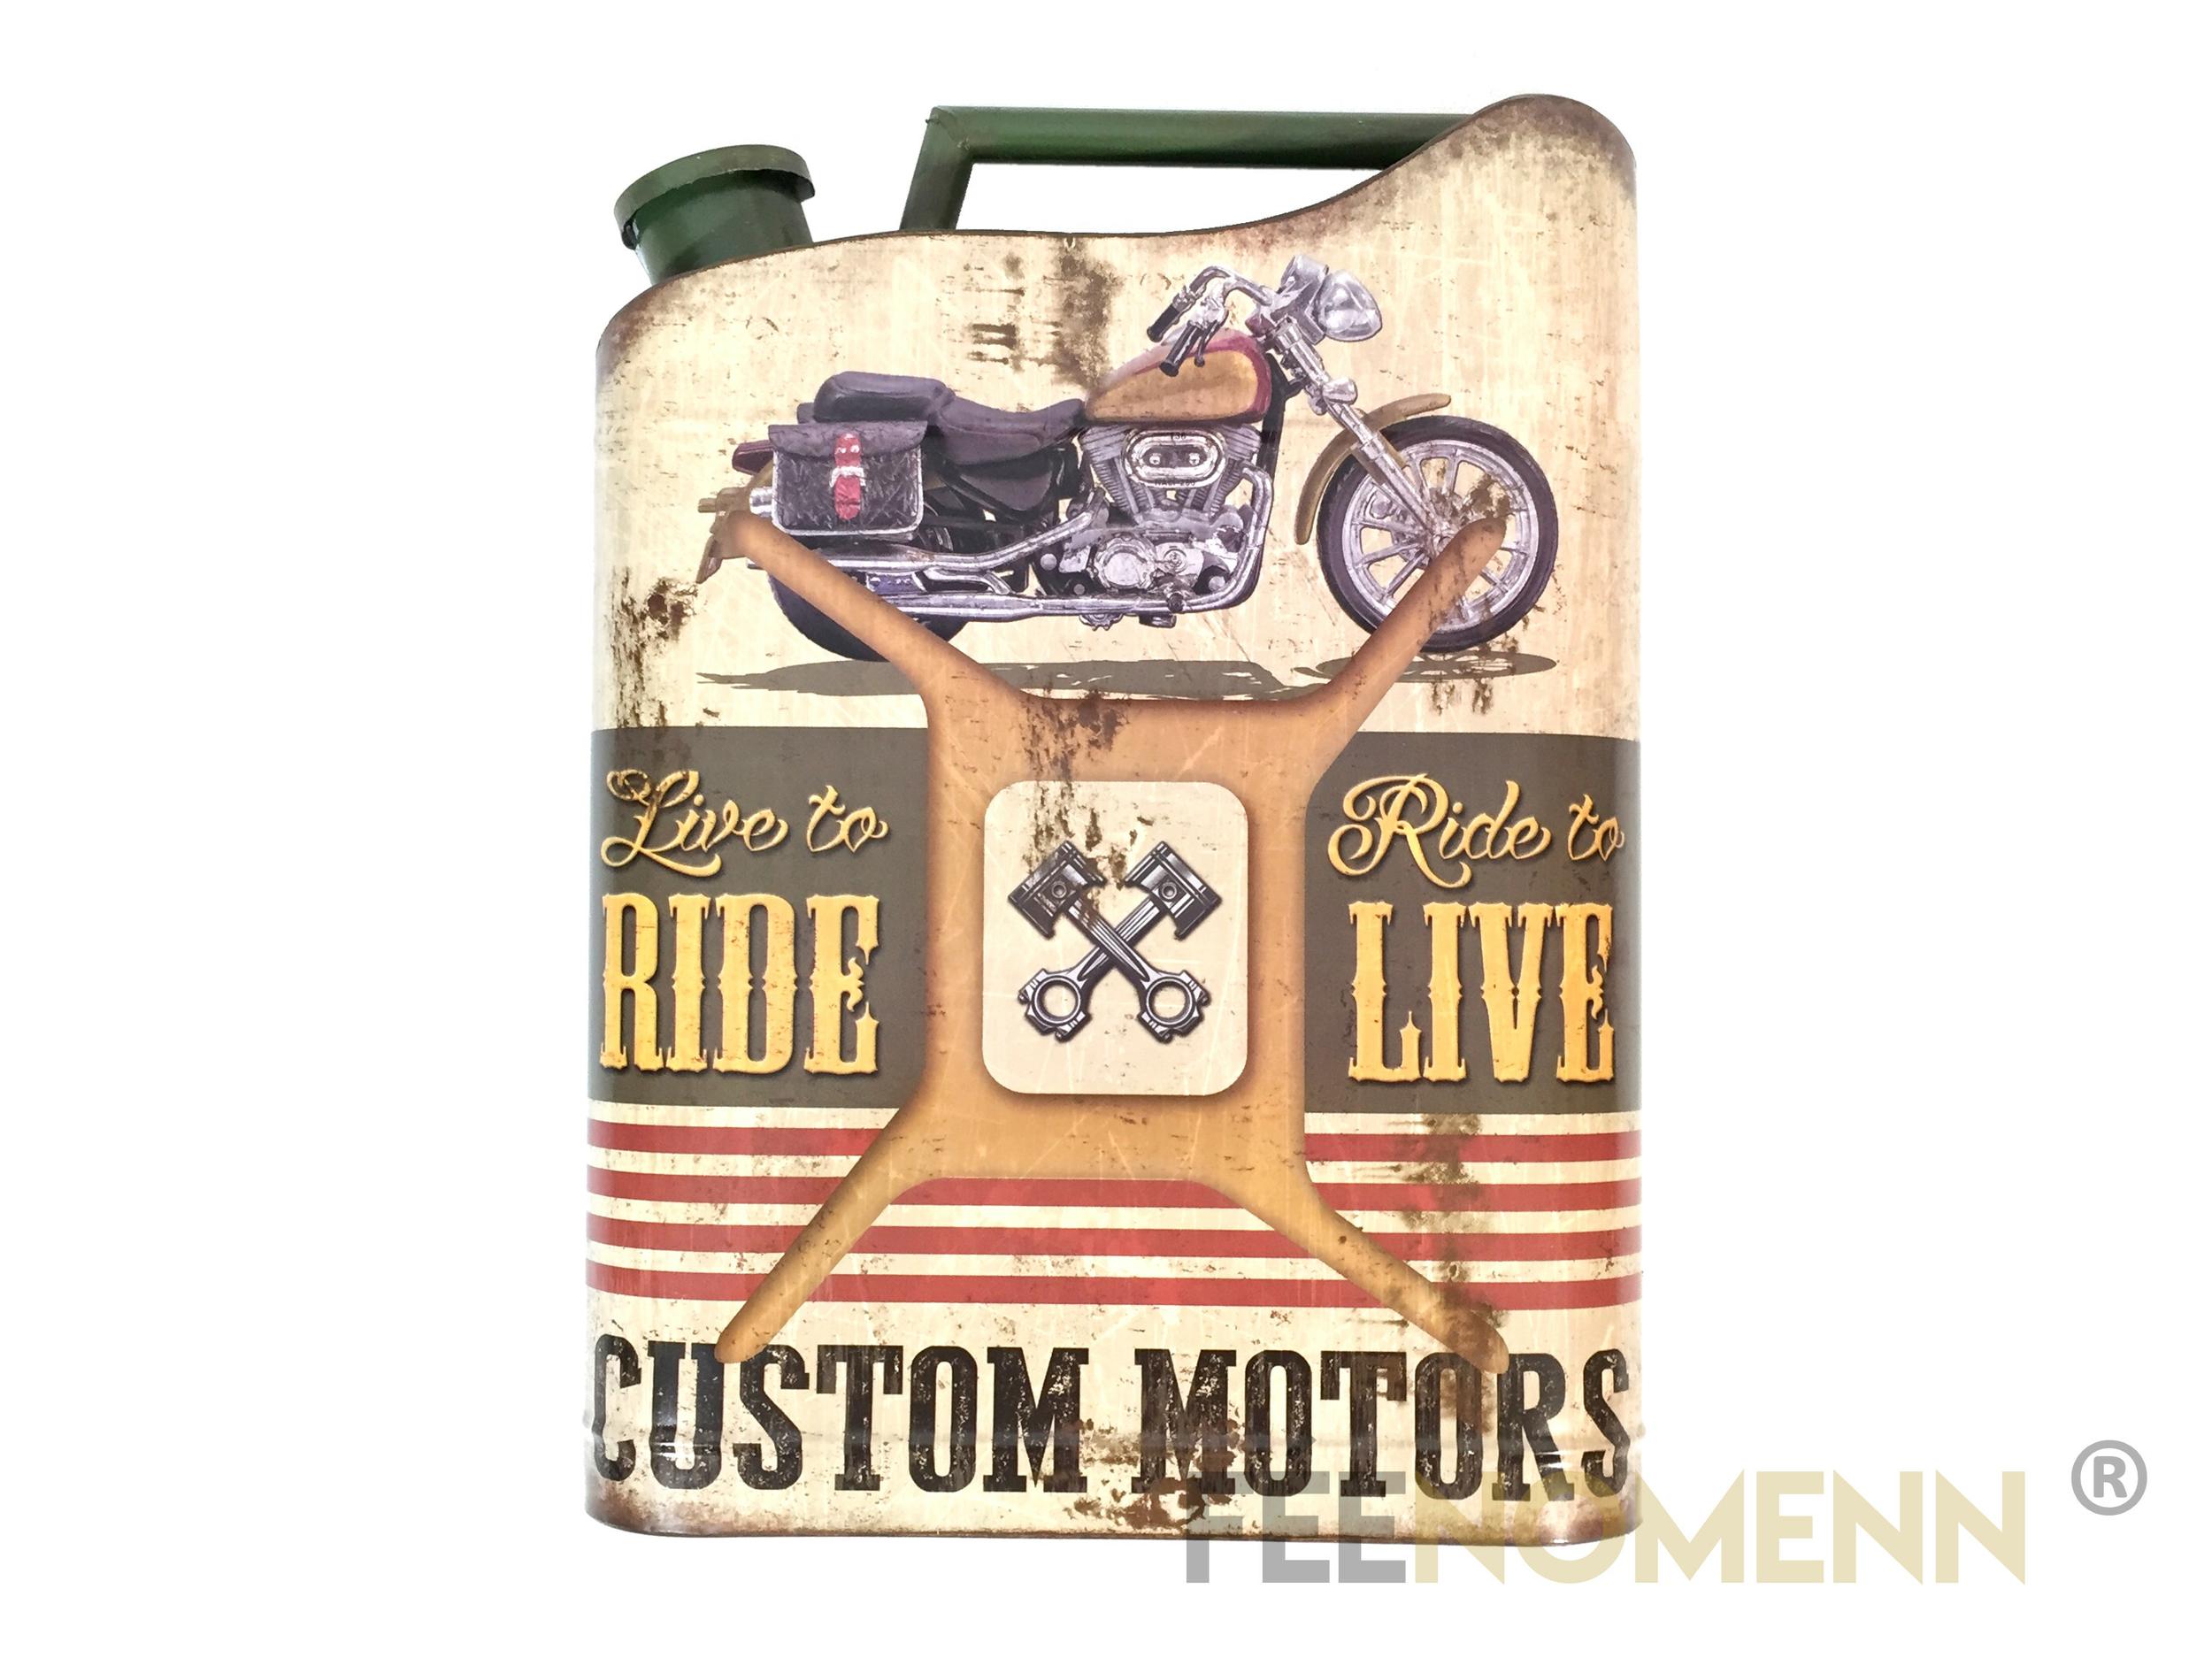 Déco Murale Vintage en Métal - Forme Jerrican / Bidon Huile - Moto Harley (47x35cm)